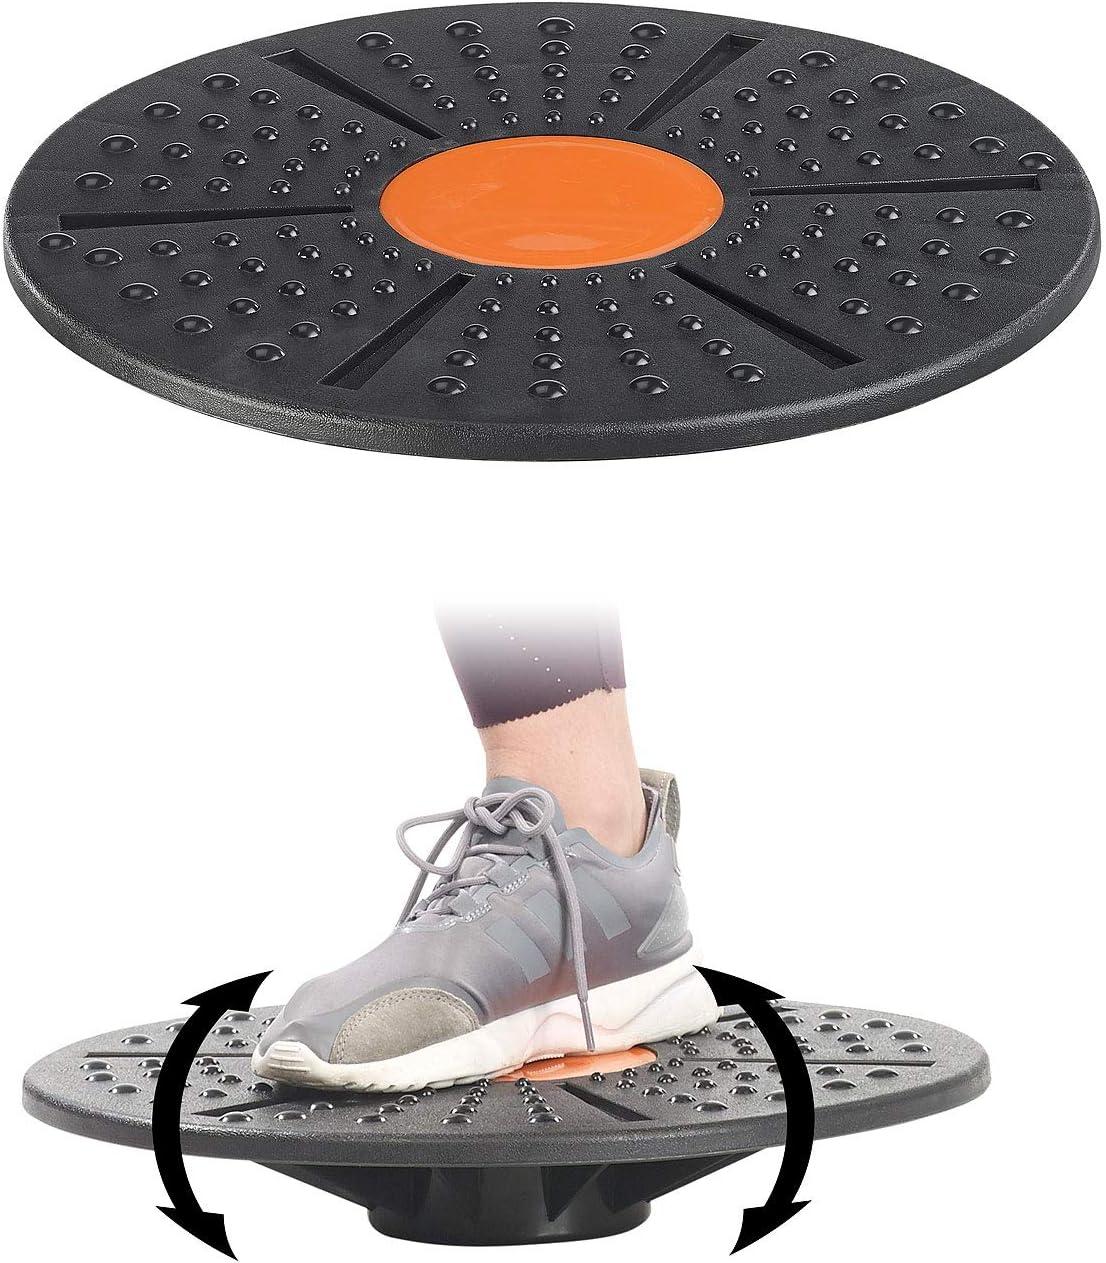 /Ø 40 cm Balance Board f/ür Gleichgewichts und Koordinations-Training PEARL sports Sport-Fitnesskreisel Sportkreisel